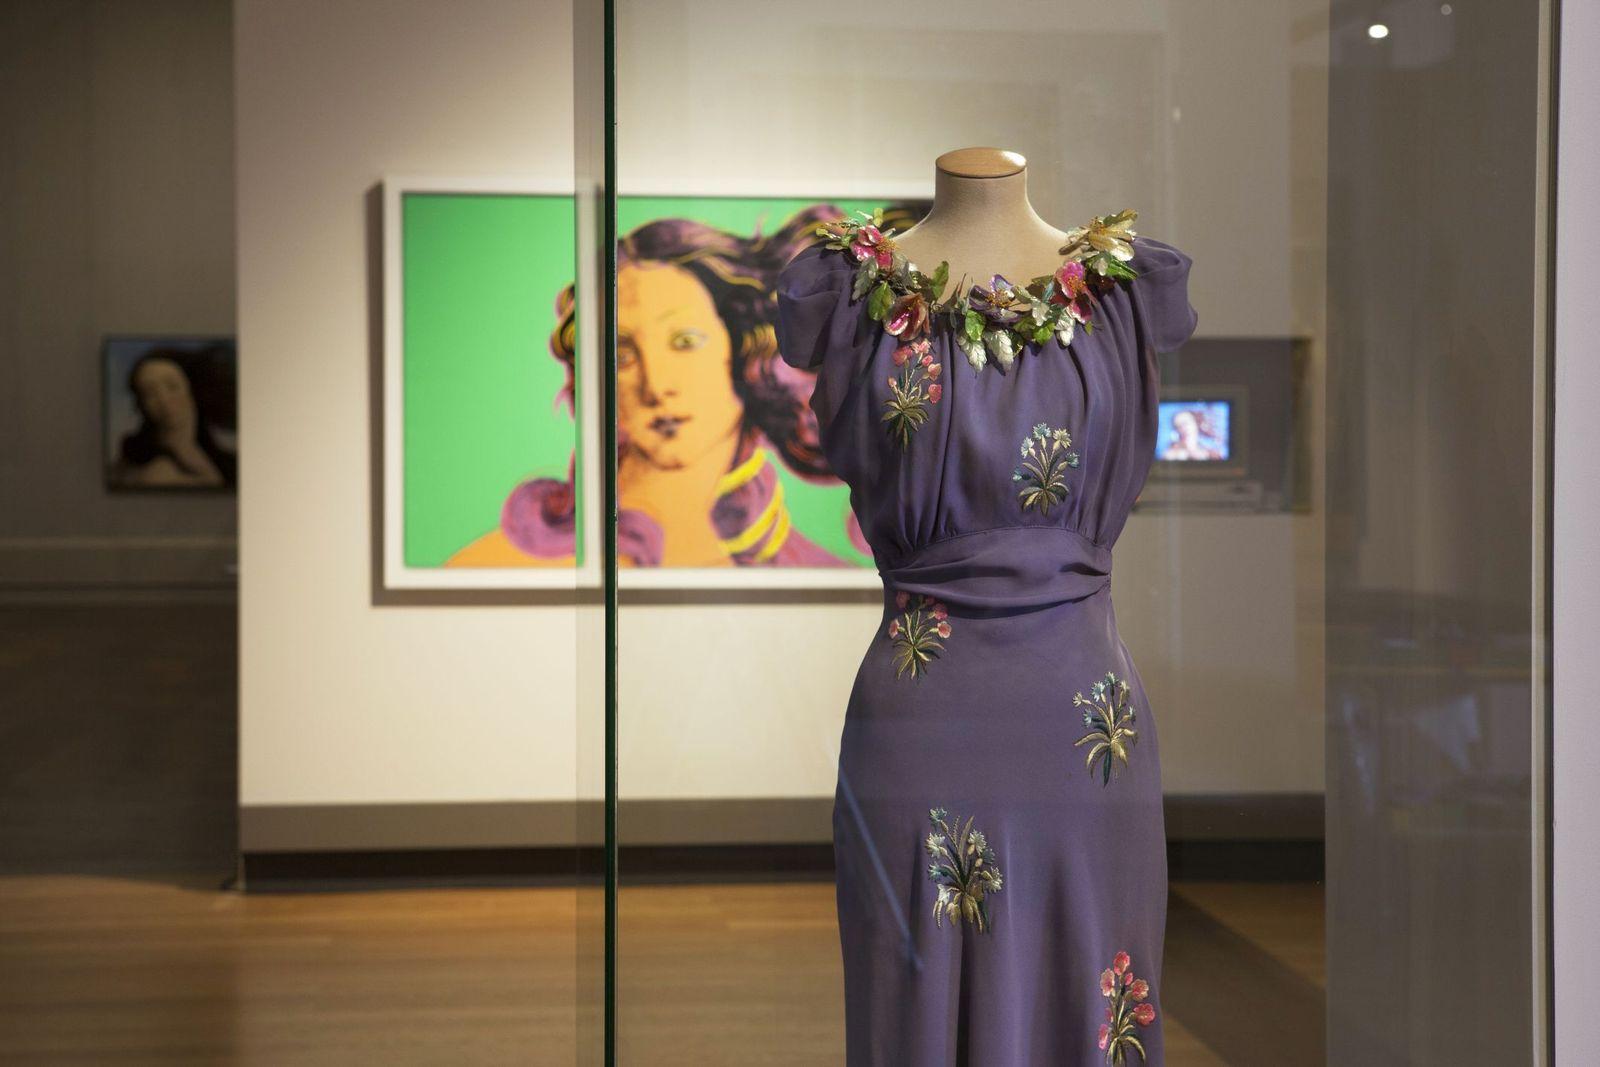 Blick in die Ausstellung mit Elsa Schiaparelli, Andy Warhol und anderen. Foto: Juliane Eirich